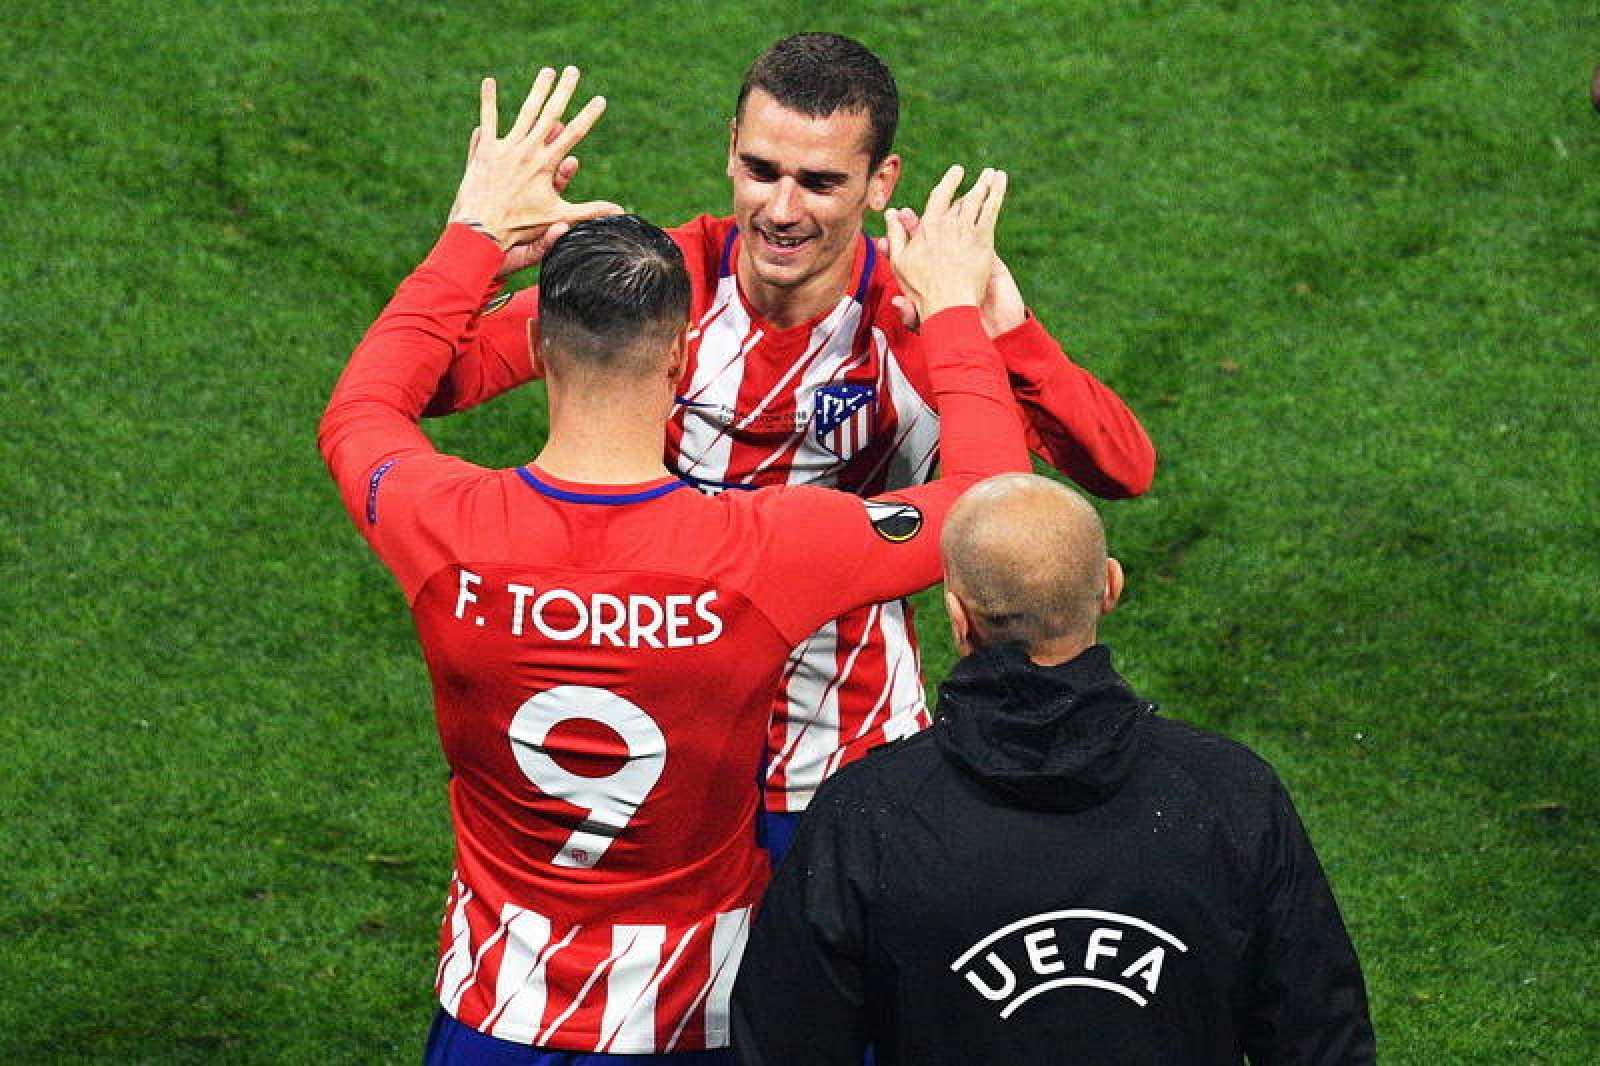 Fernando Torres sustituye a Griezmann en el minuto 90 de la final de la Europa League.